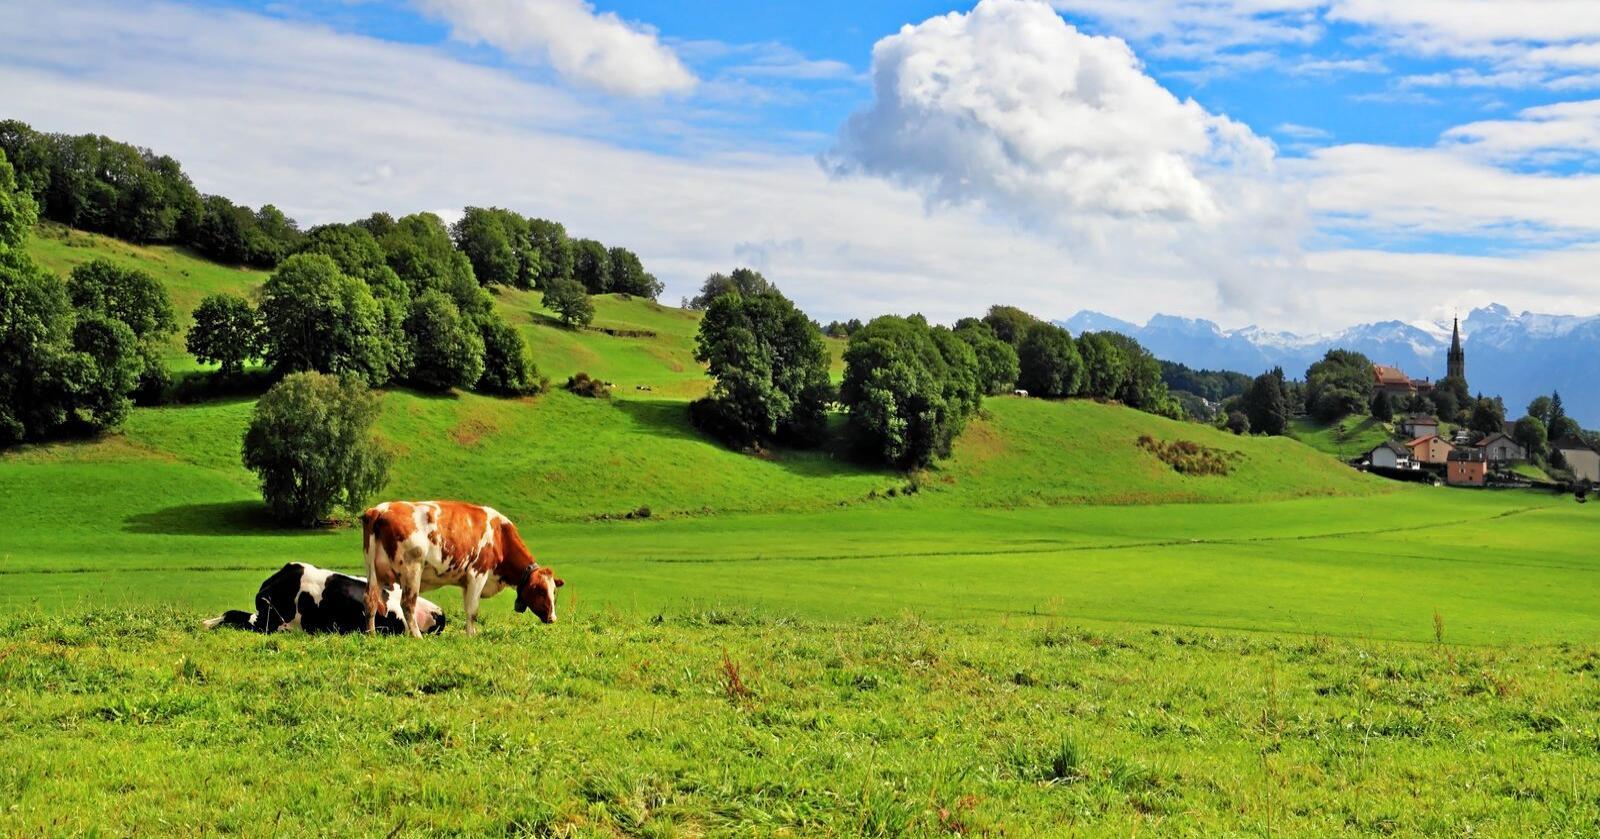 Det blir stilt krav til europeiske bønder om bærekraftig produksjon for å få landbruksstøtte. Her fra Provence i Frankrike. Foto: Colourbox